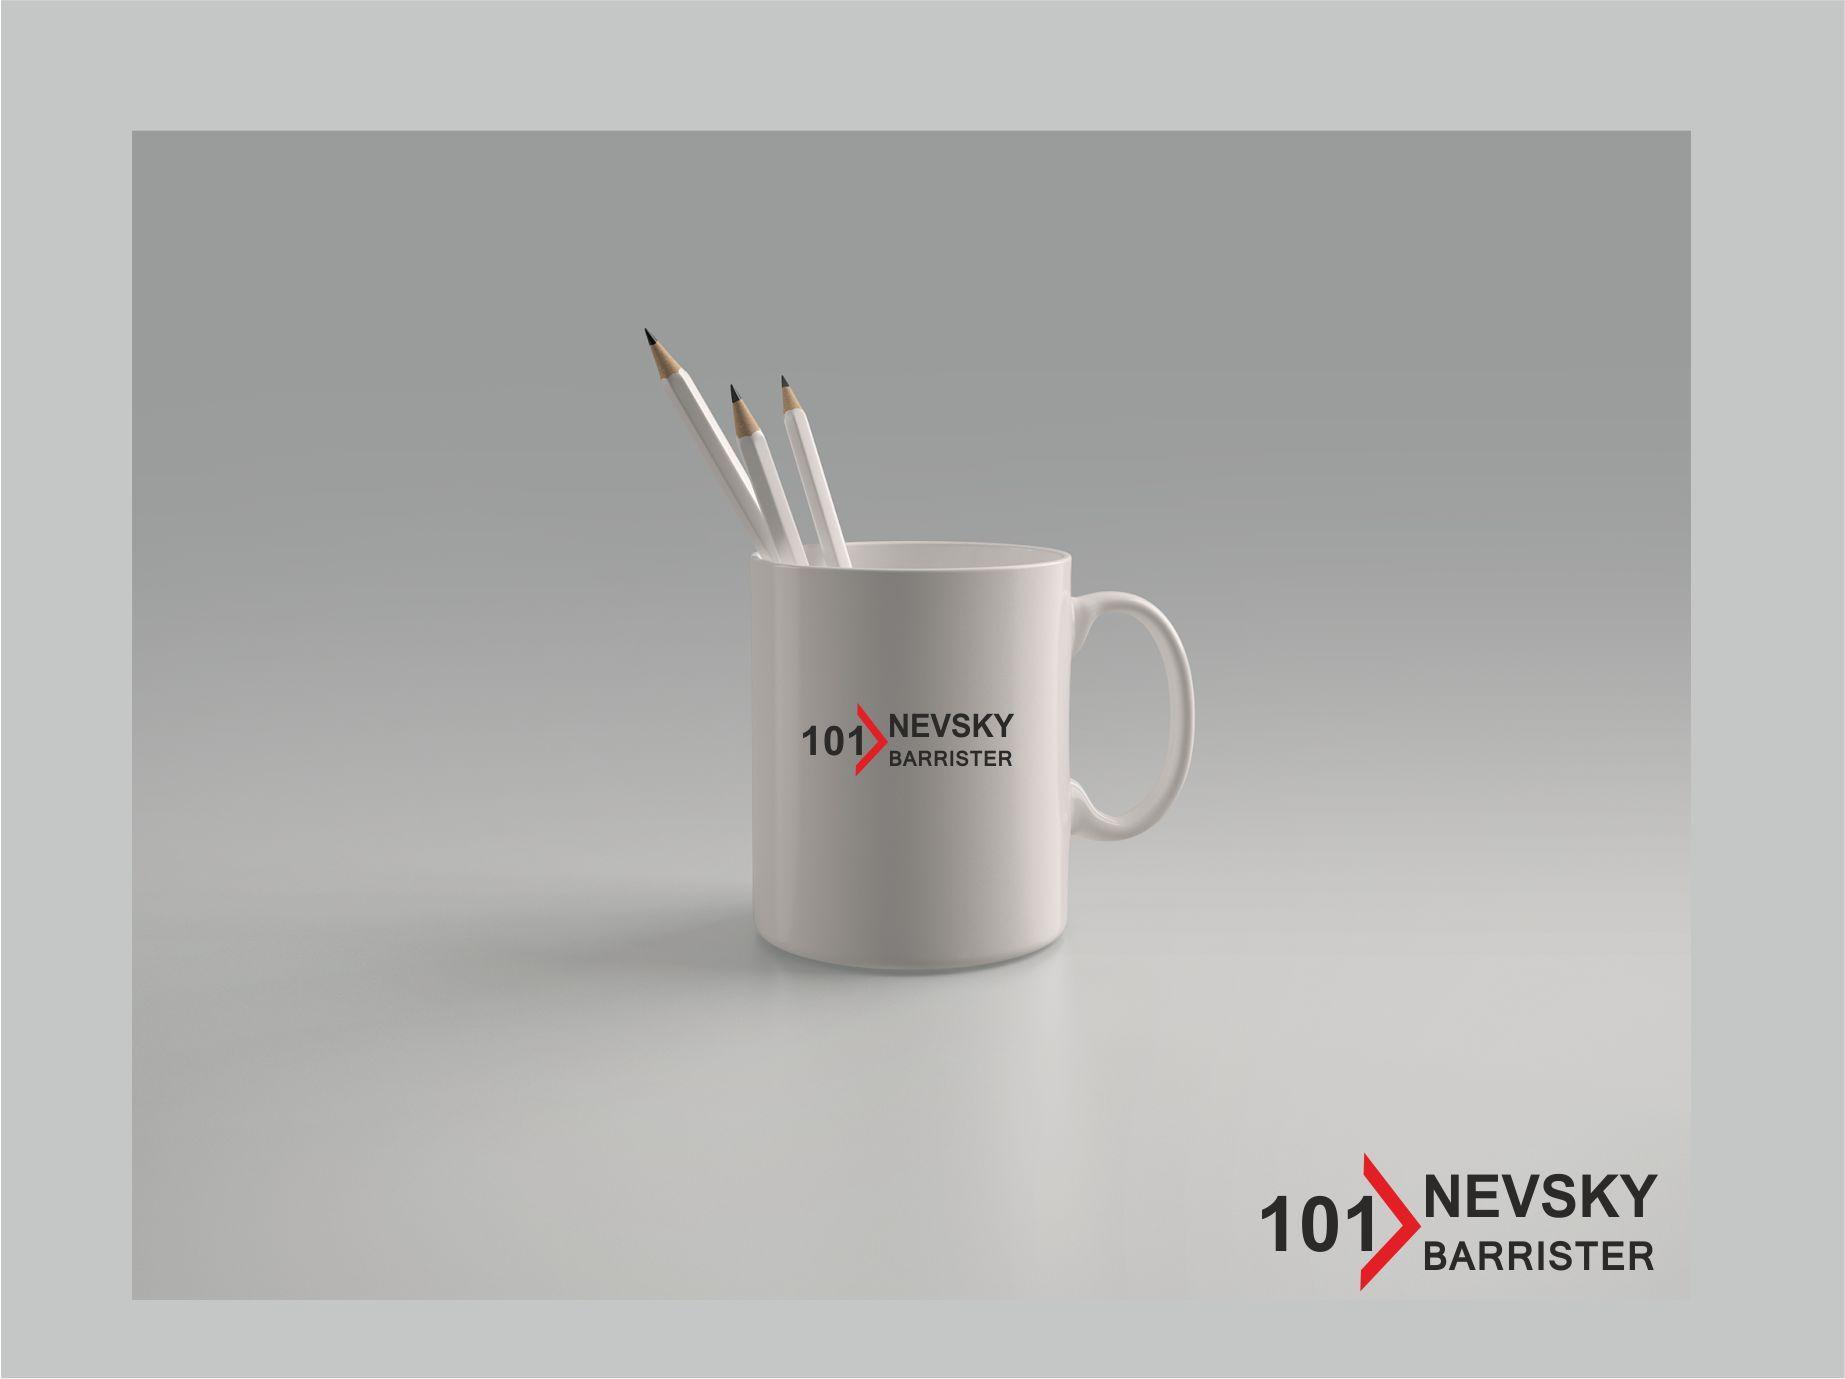 лого и фирменный стиль для адвокатского кабинета - дизайнер dbyjuhfl